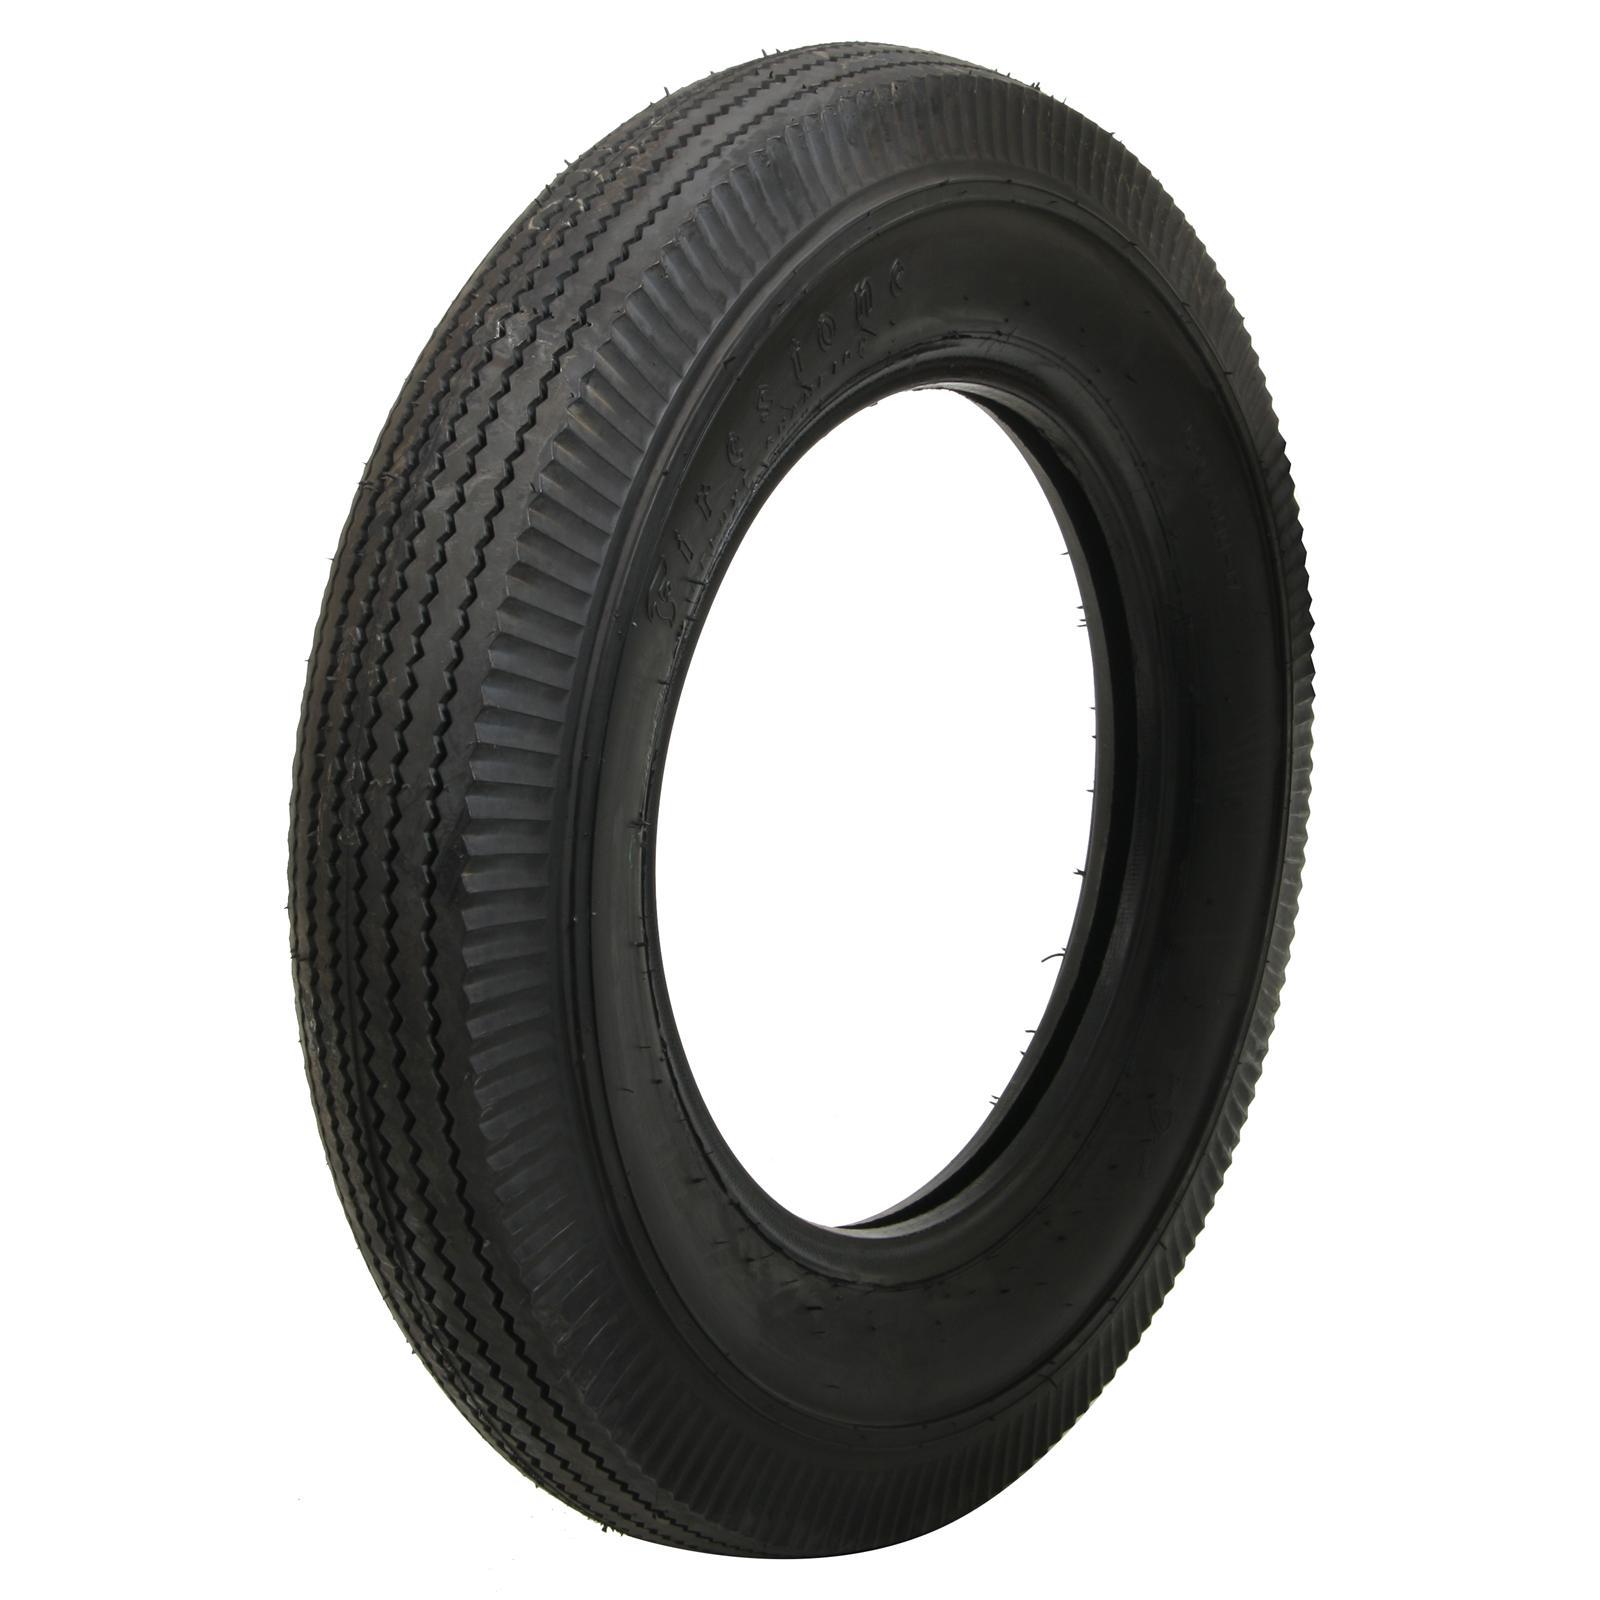 Coker Firestone Vintage Bias Tire 5 25 5 50 17 Bias ply Each